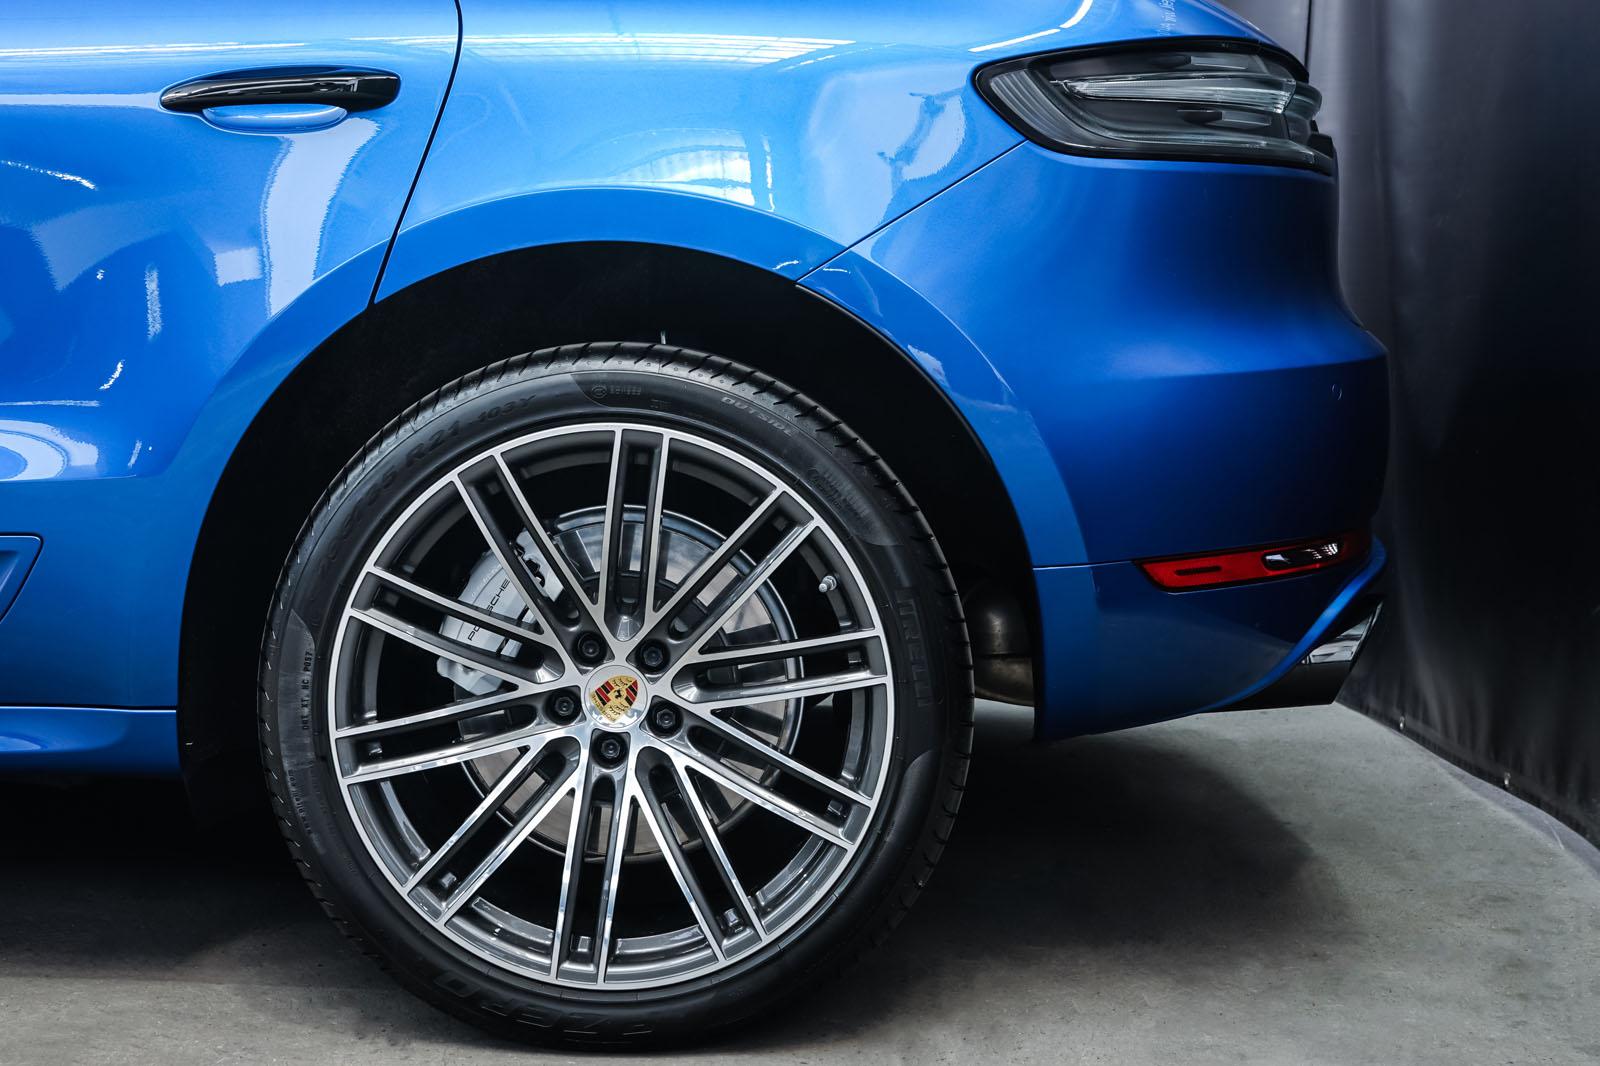 Porsche_Macan_Turbo_Blau_Weiß_POR-2038_4_w